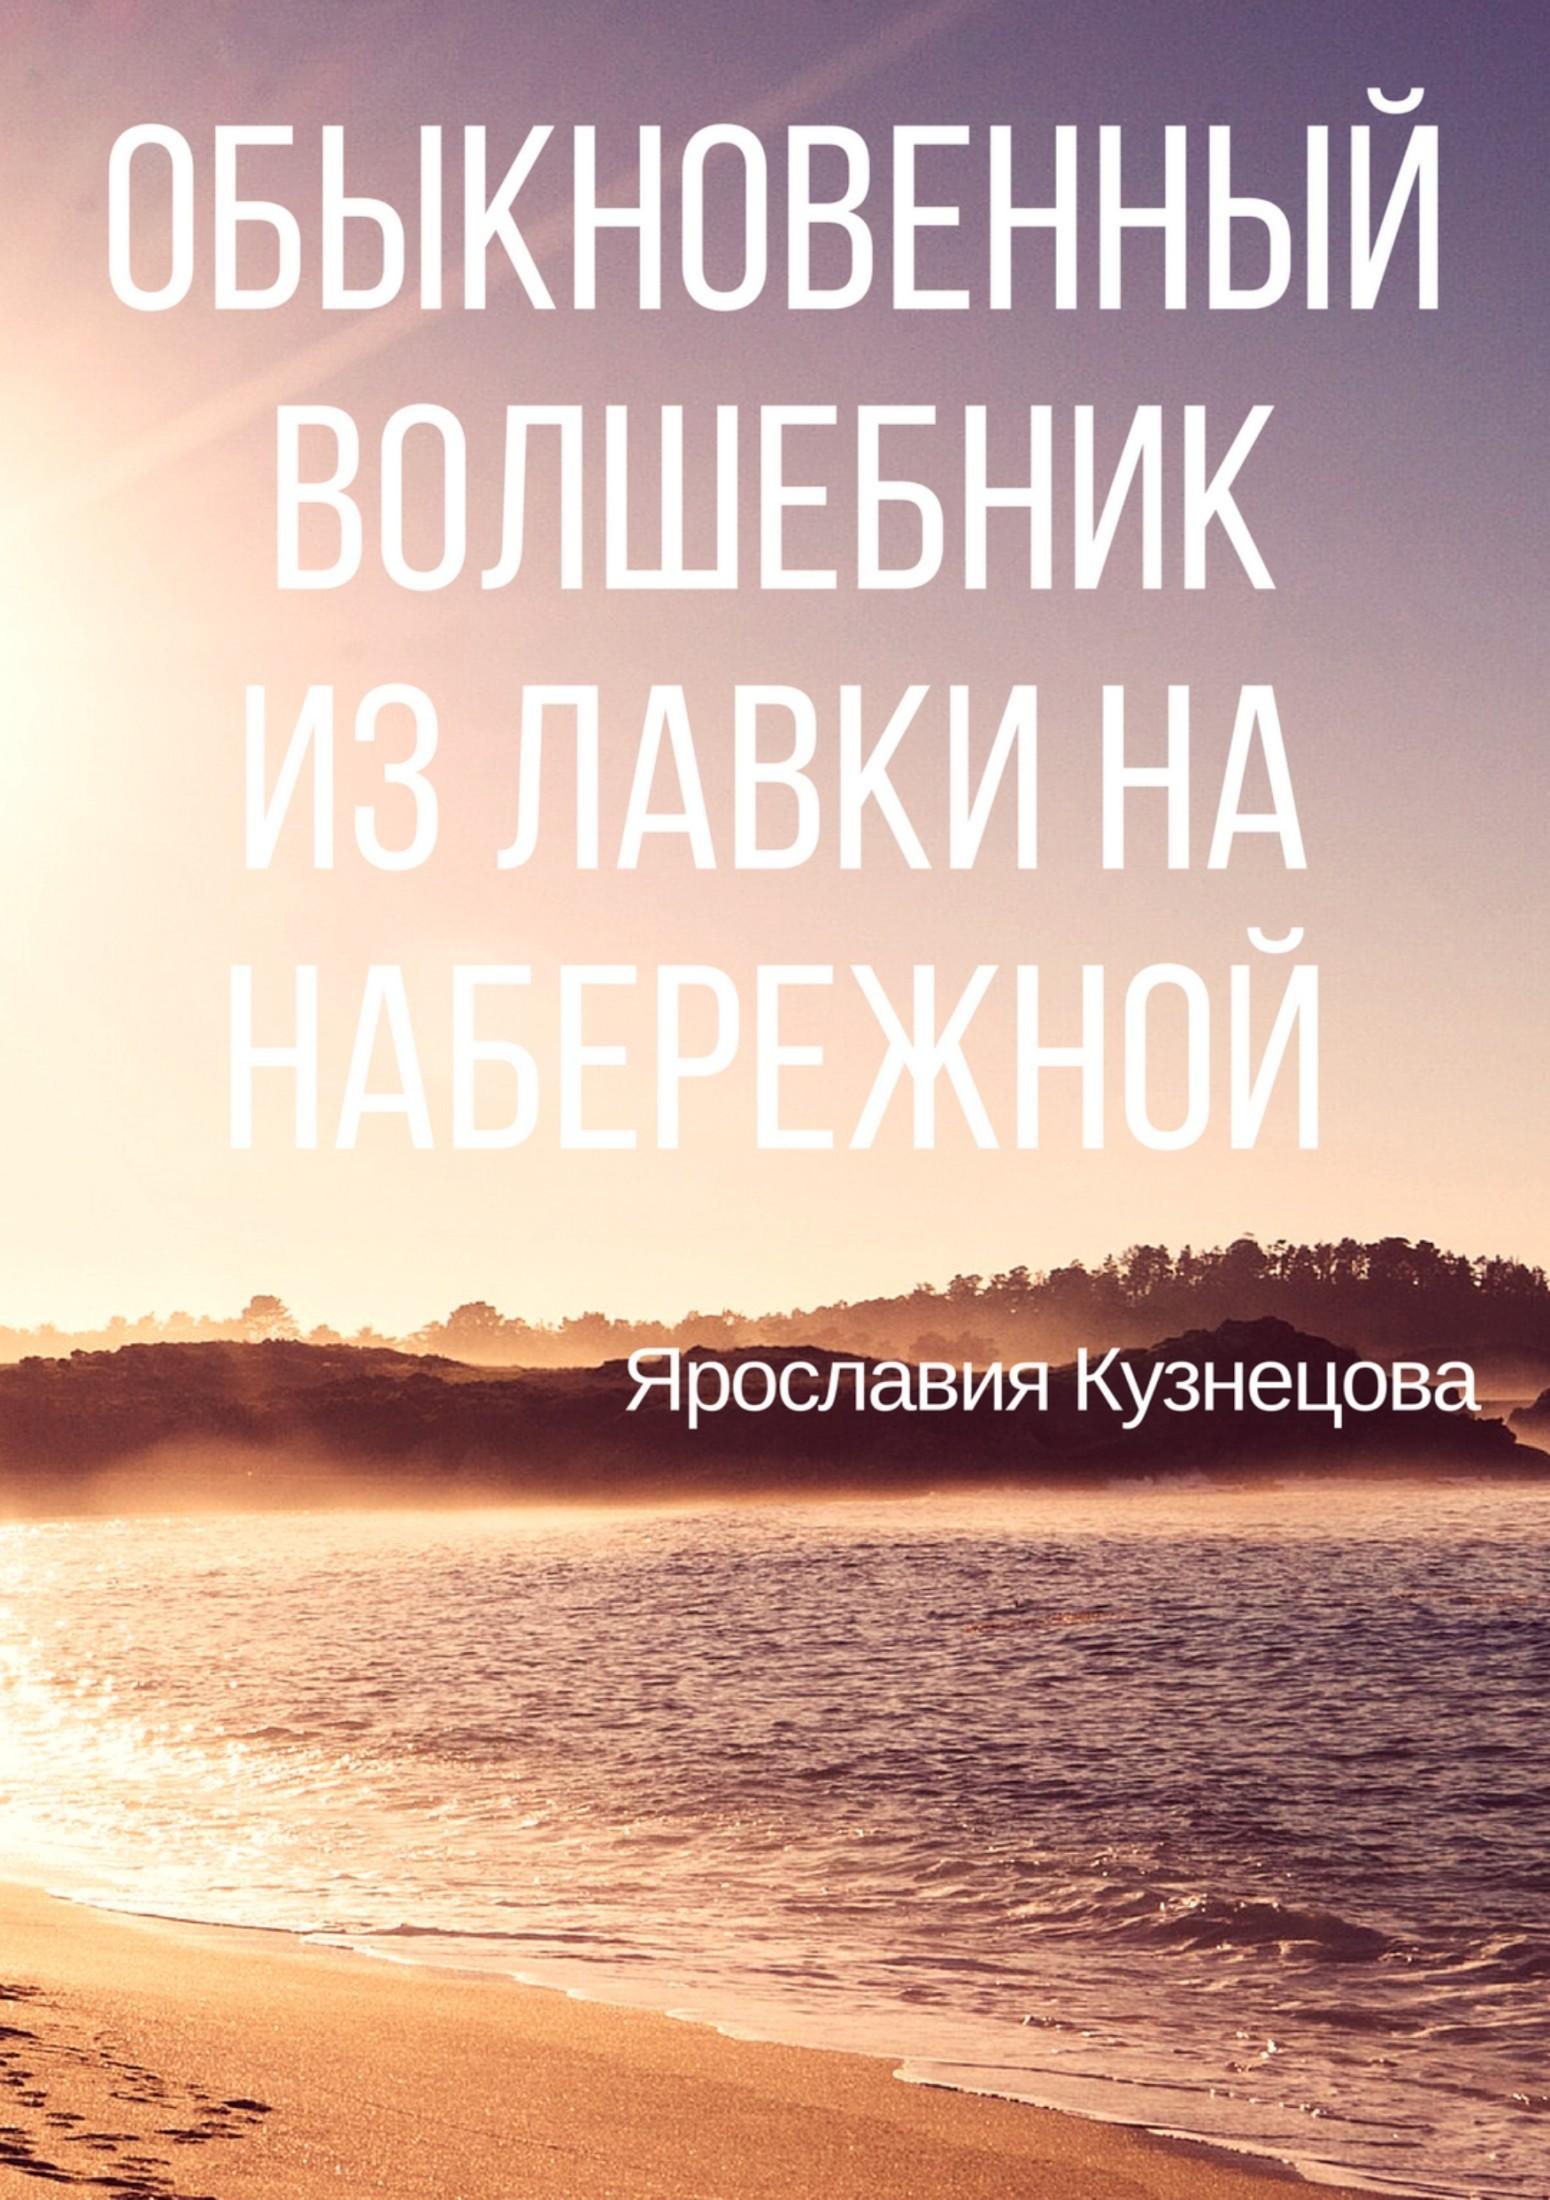 Ярославия Кузнецова «Обыкновенный Волшебник из Лавки на Набережной»